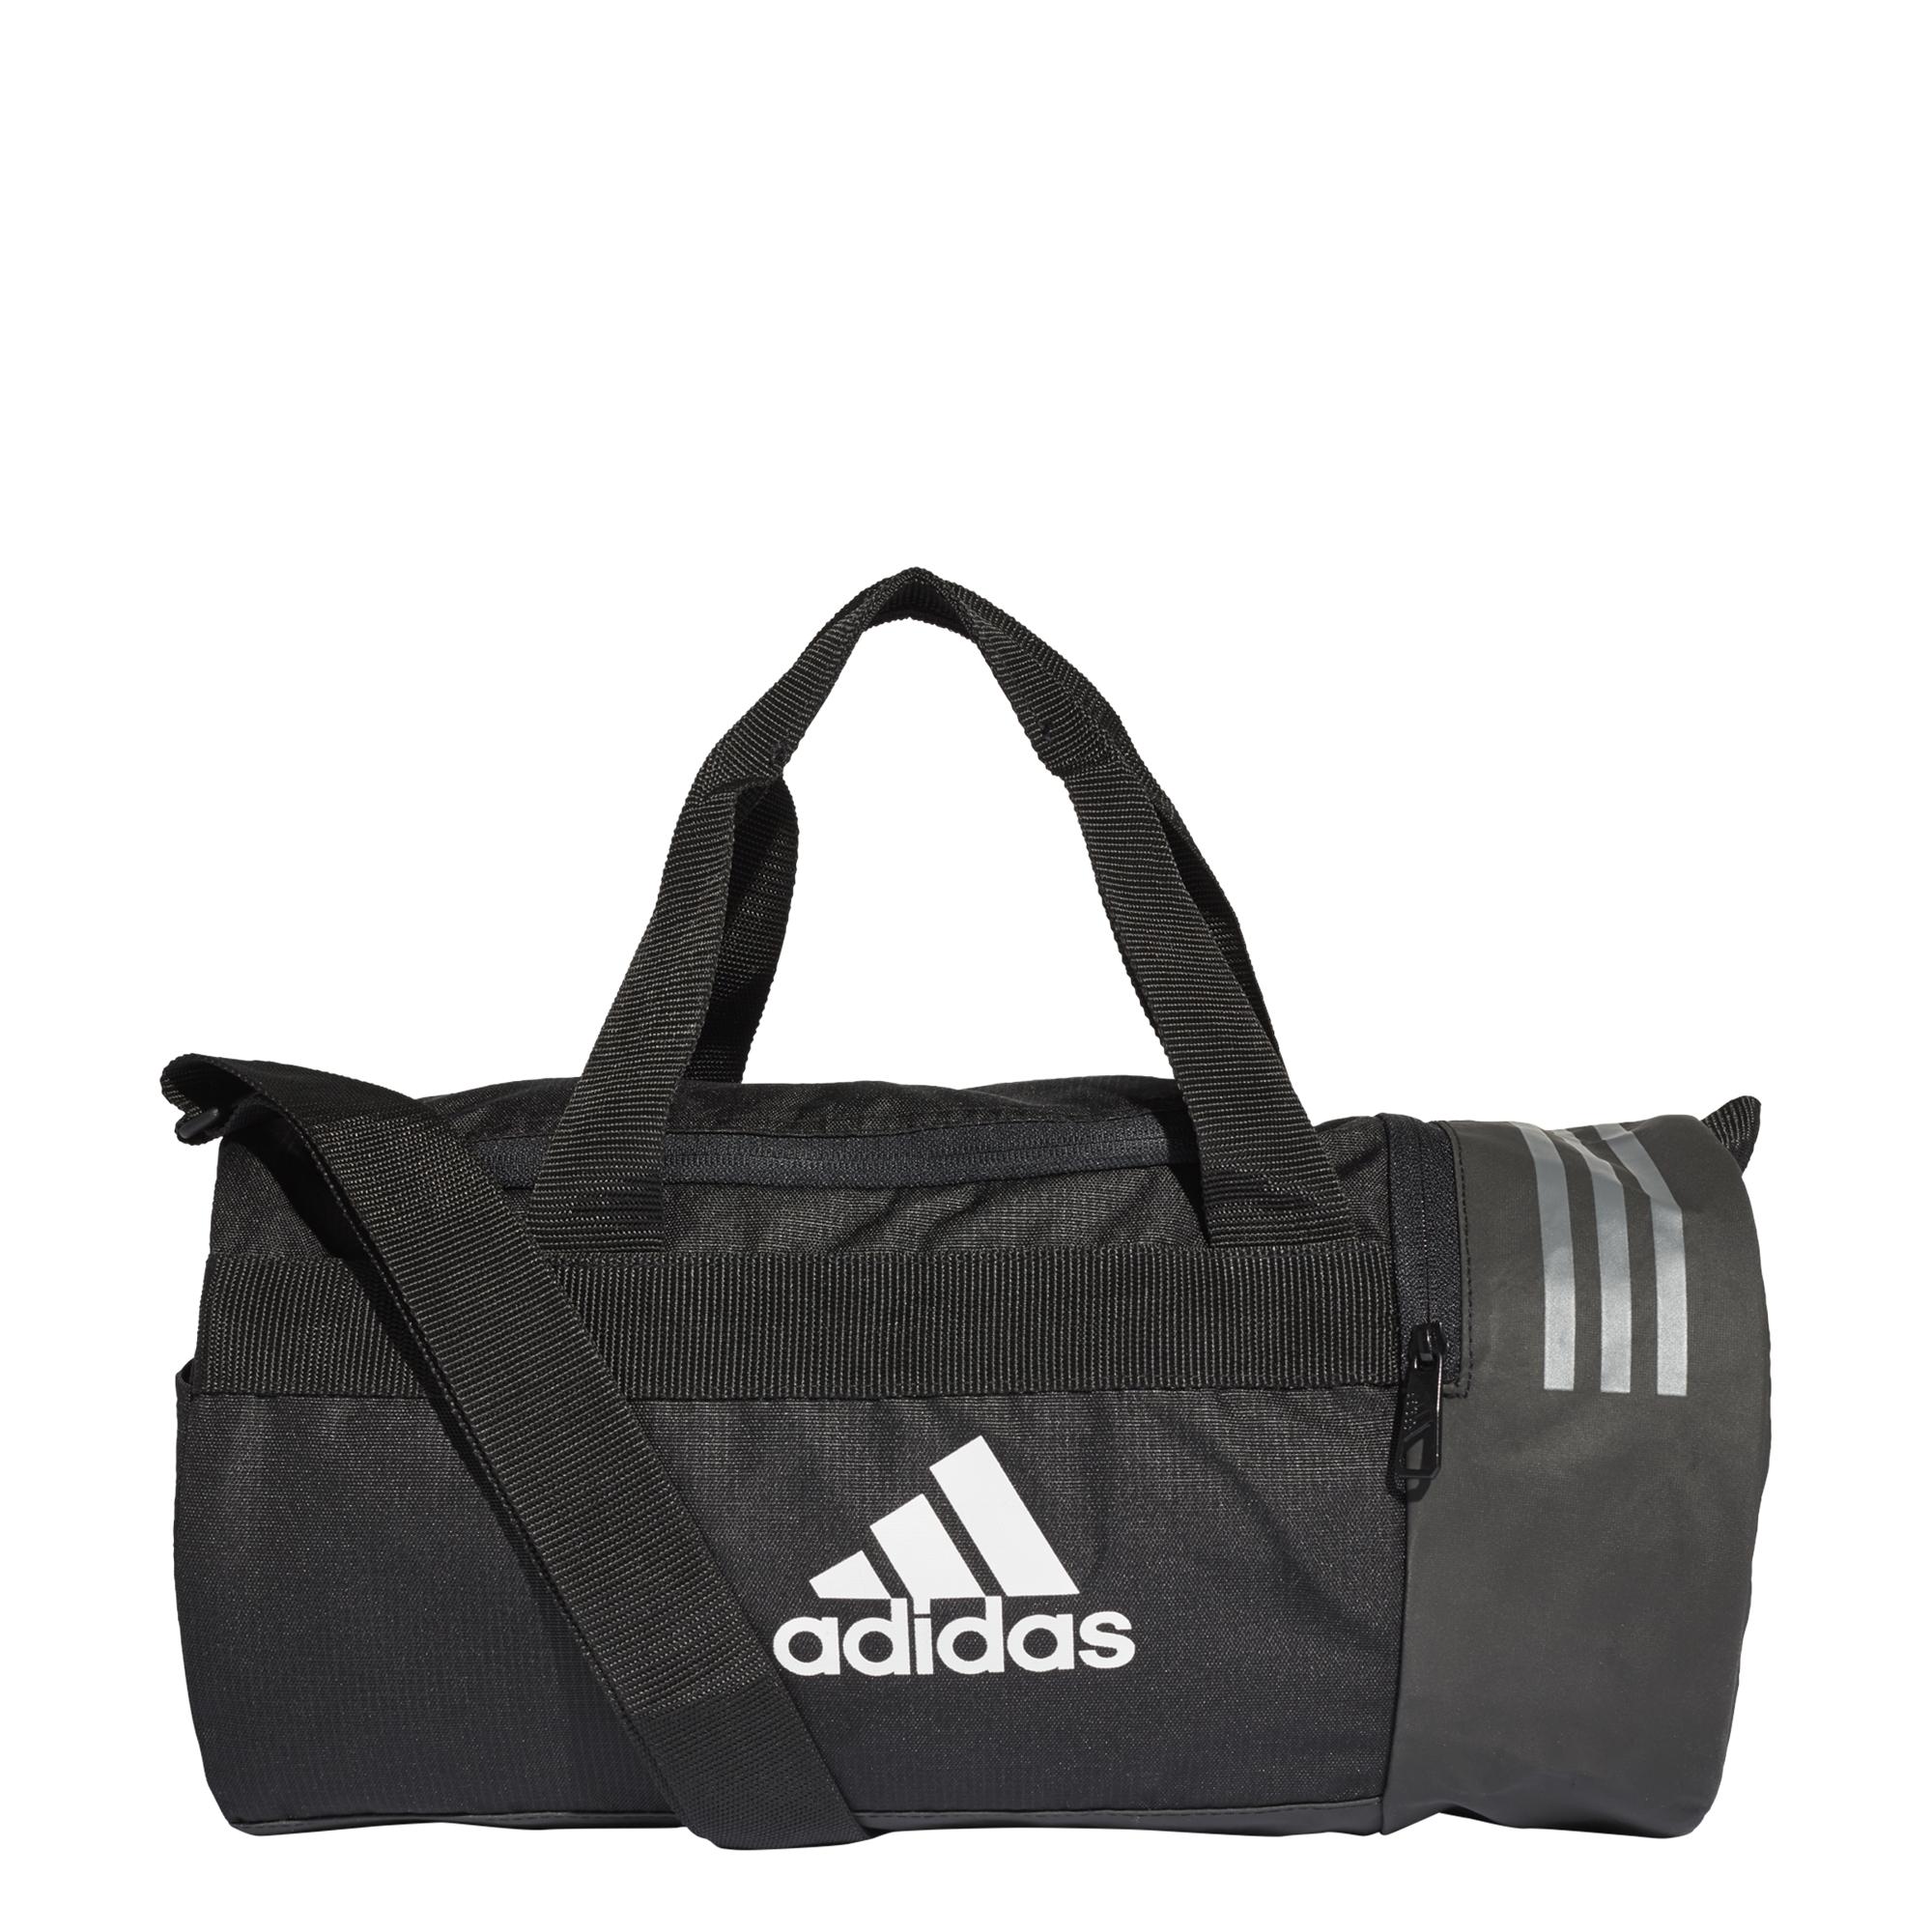 7af35b69e9f8 Adidas 3S CVRT Duf Xs CG1531 Non Communiqué Sac de sport Noir ...